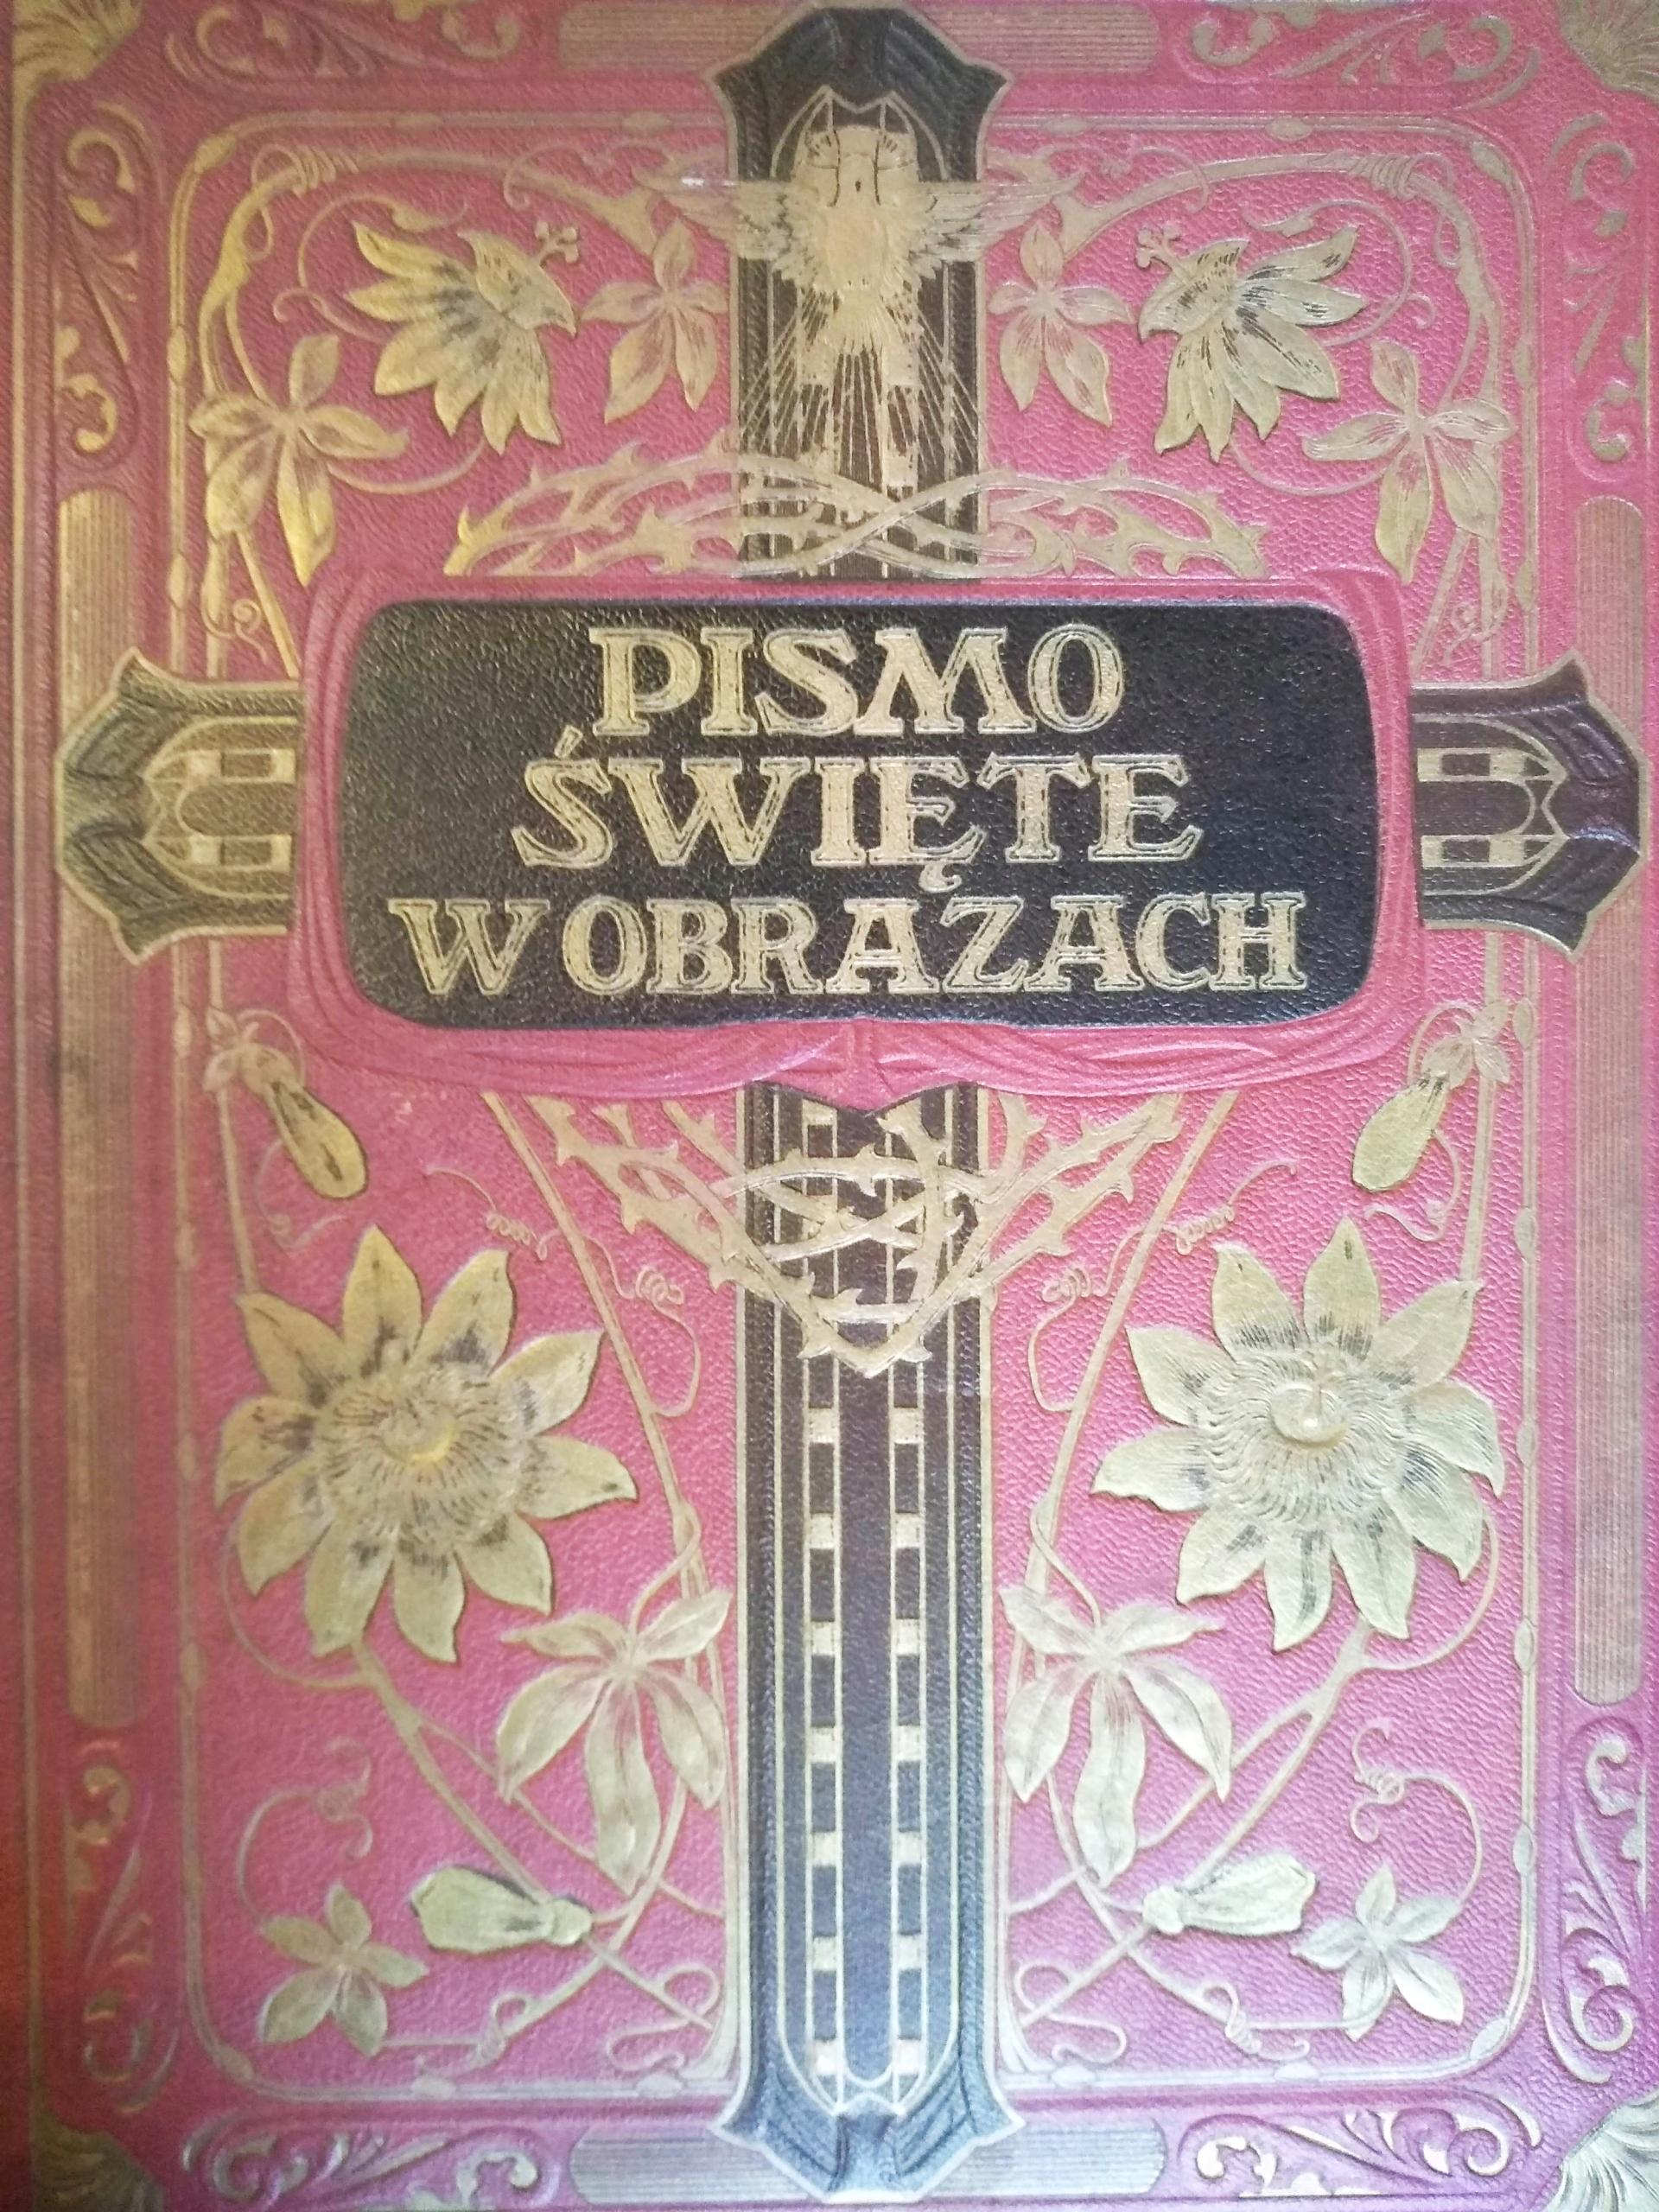 PISMO ŚWIĘTE W OBRAZACH BIBLIA 1934 Biblia